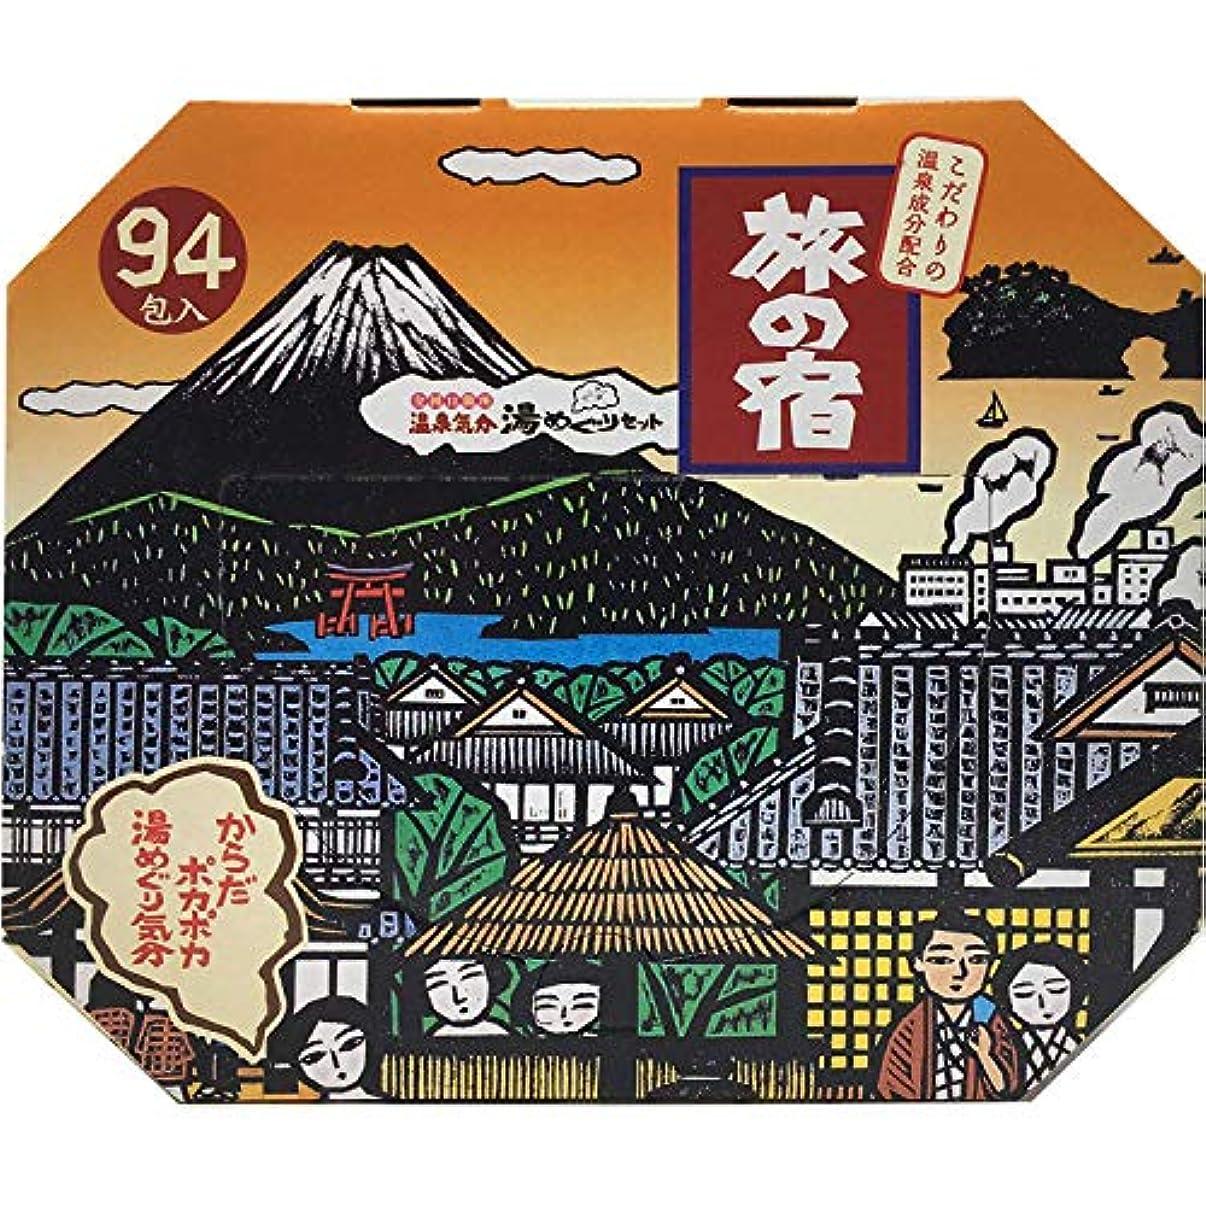 規則性中国酔ったホールセールジャパン1年保証 旅の宿(薬用入浴剤) 94包入 3箱セット